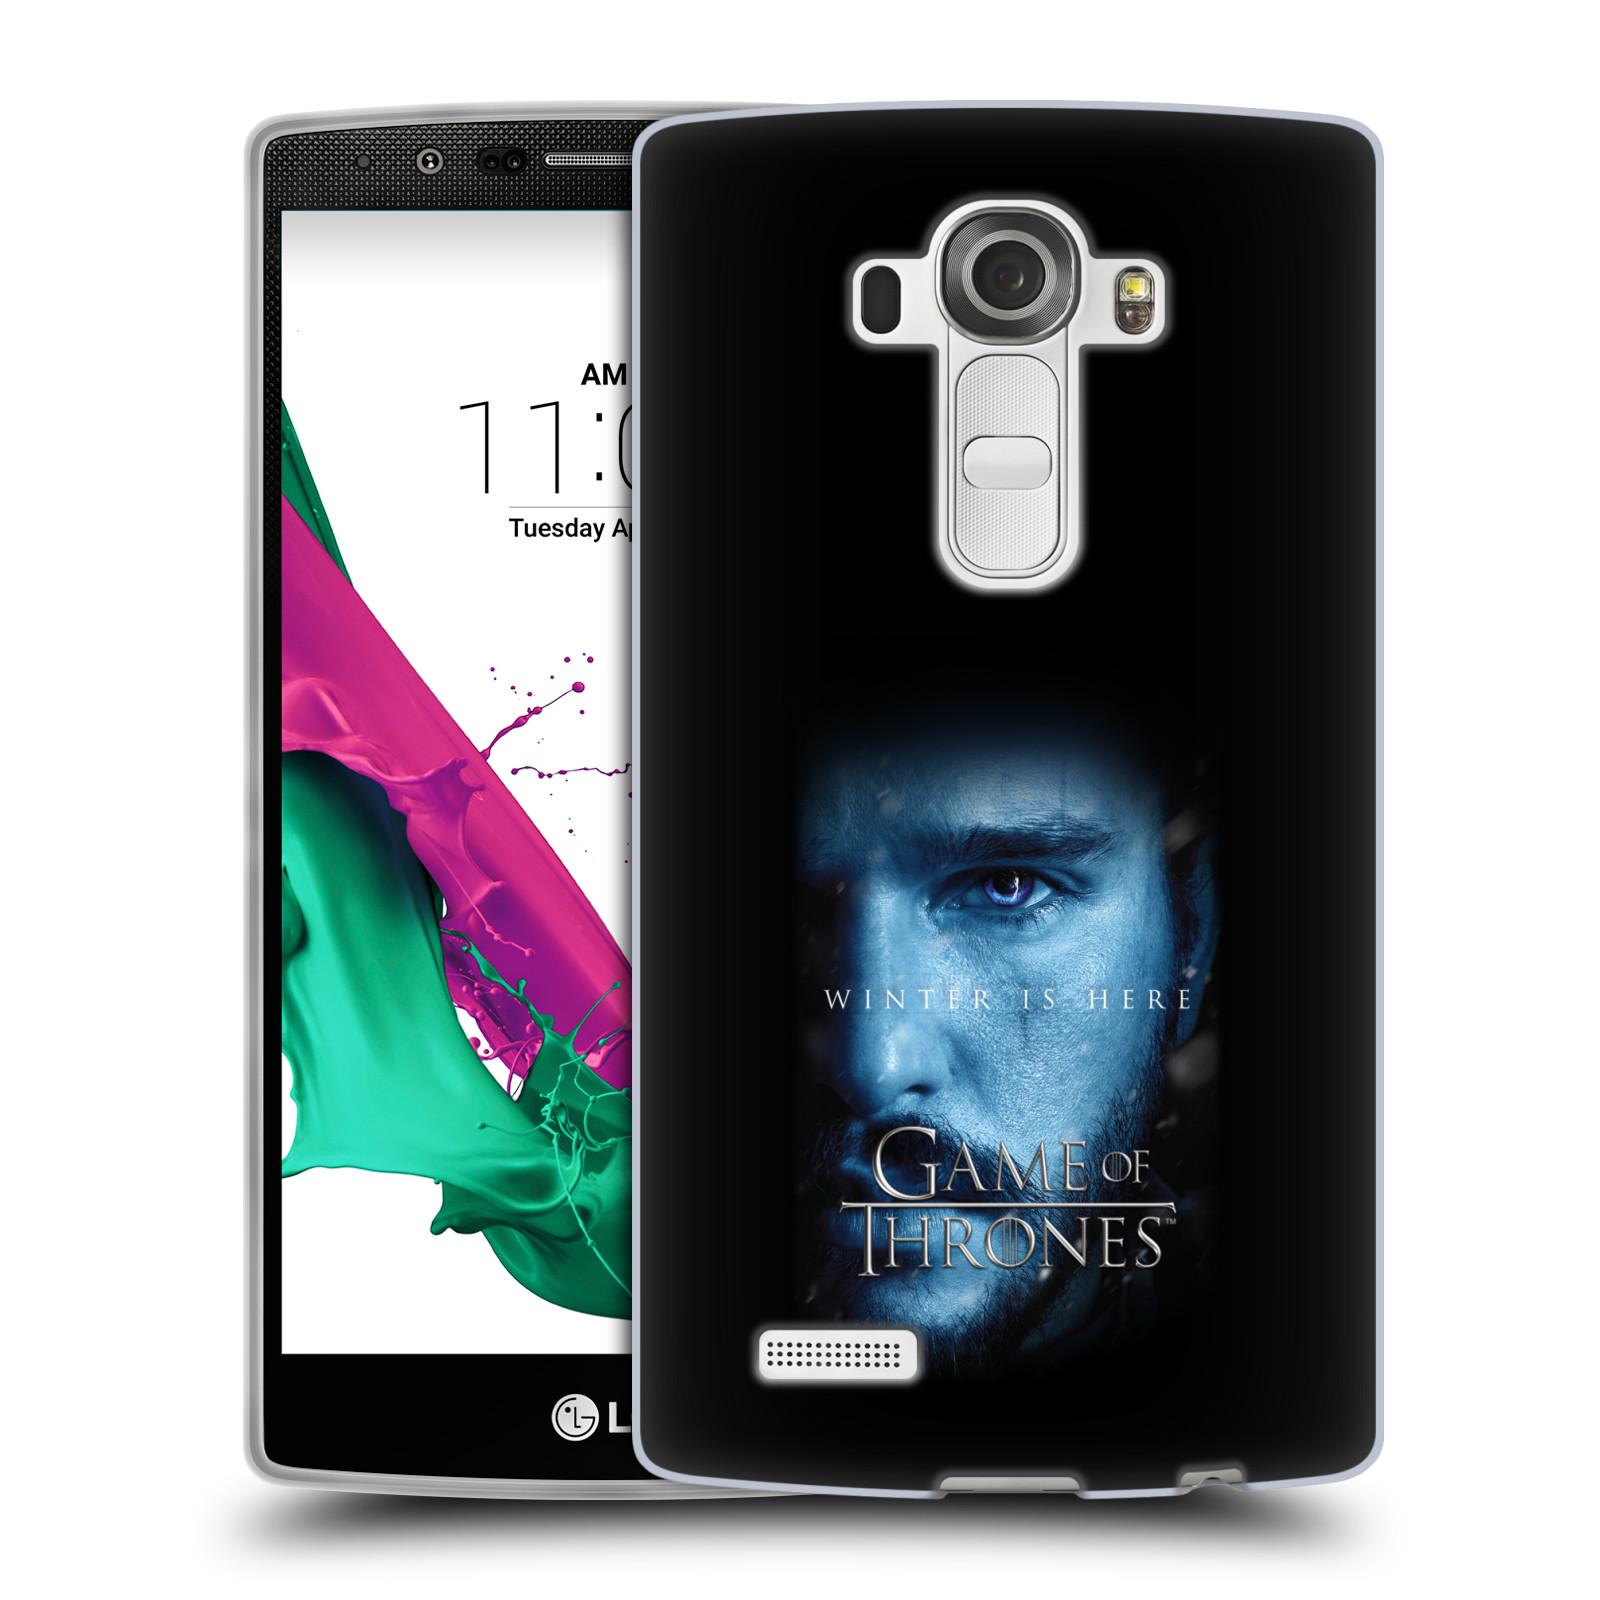 Silikonové pouzdro na mobil LG G4 - Head Case - Hra o trůny - Jon Snow - Winter is here (Silikonový kryt či obal na mobilní telefon s motivem Game of Thrones - Jon Snow - Winter is here - Season 7 pro LG G4 H815)